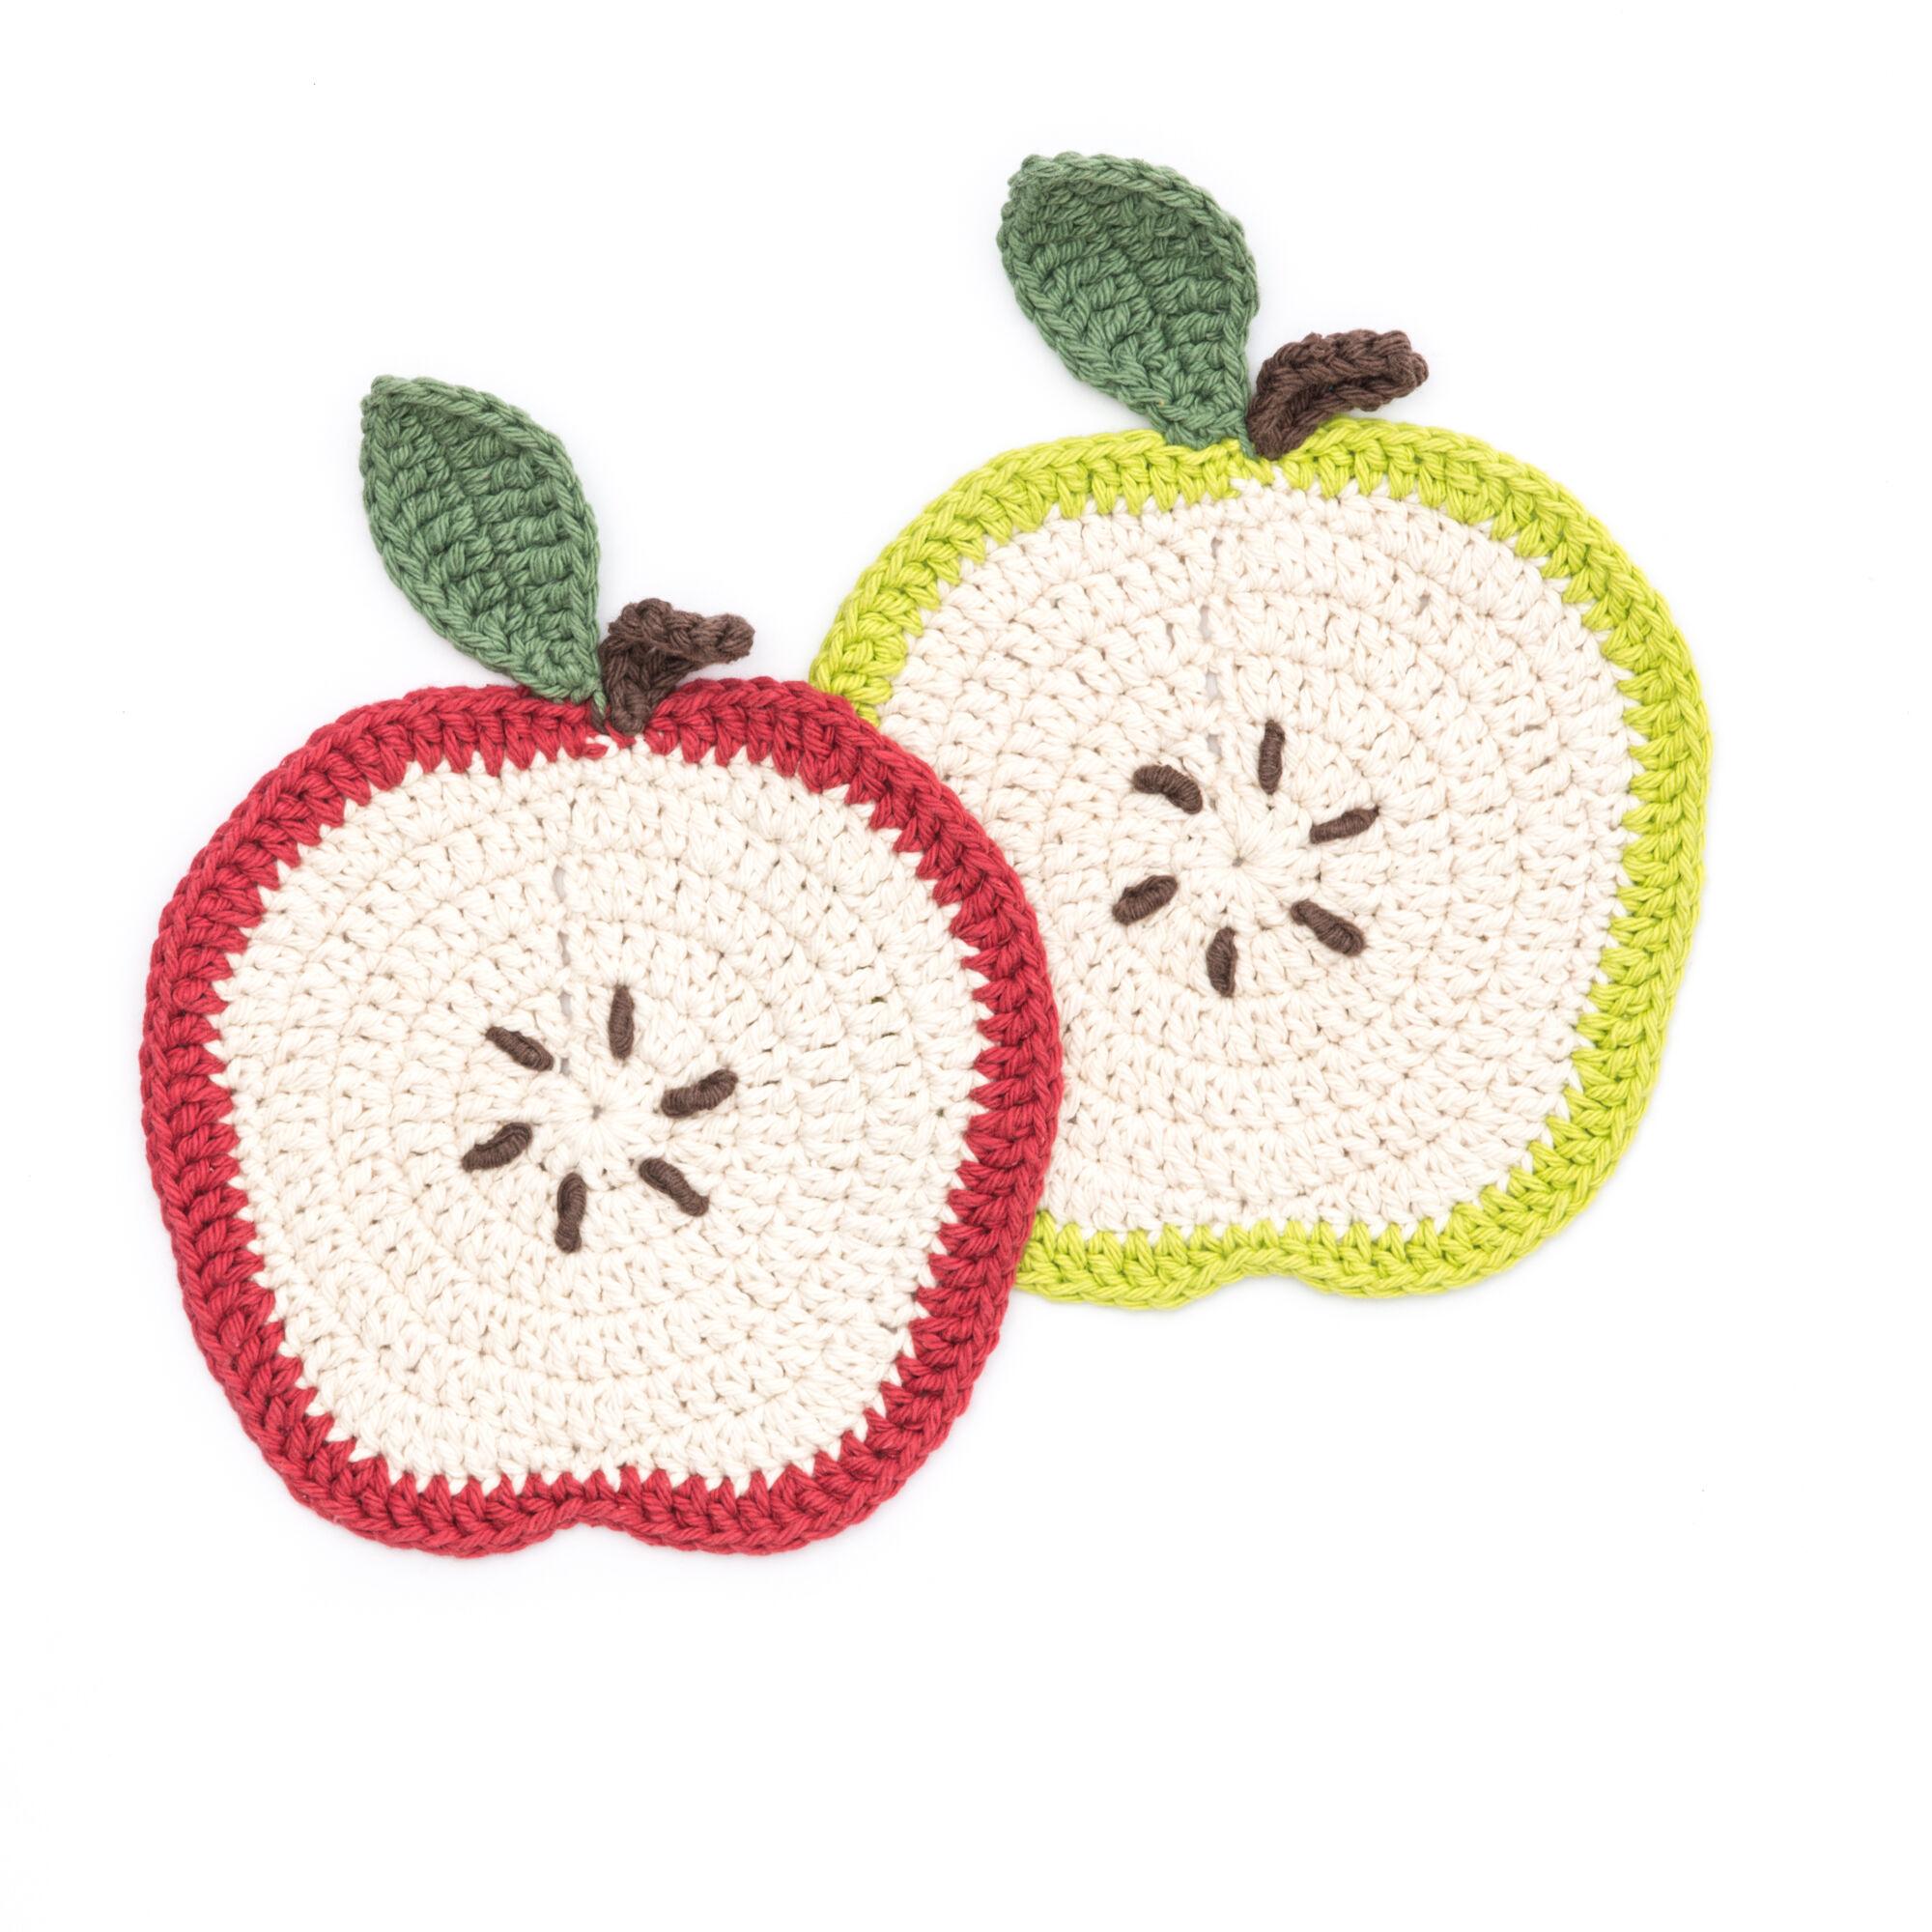 Lily Sugar\'n Cream Apple a Day Dishcloth | Yarnspirations